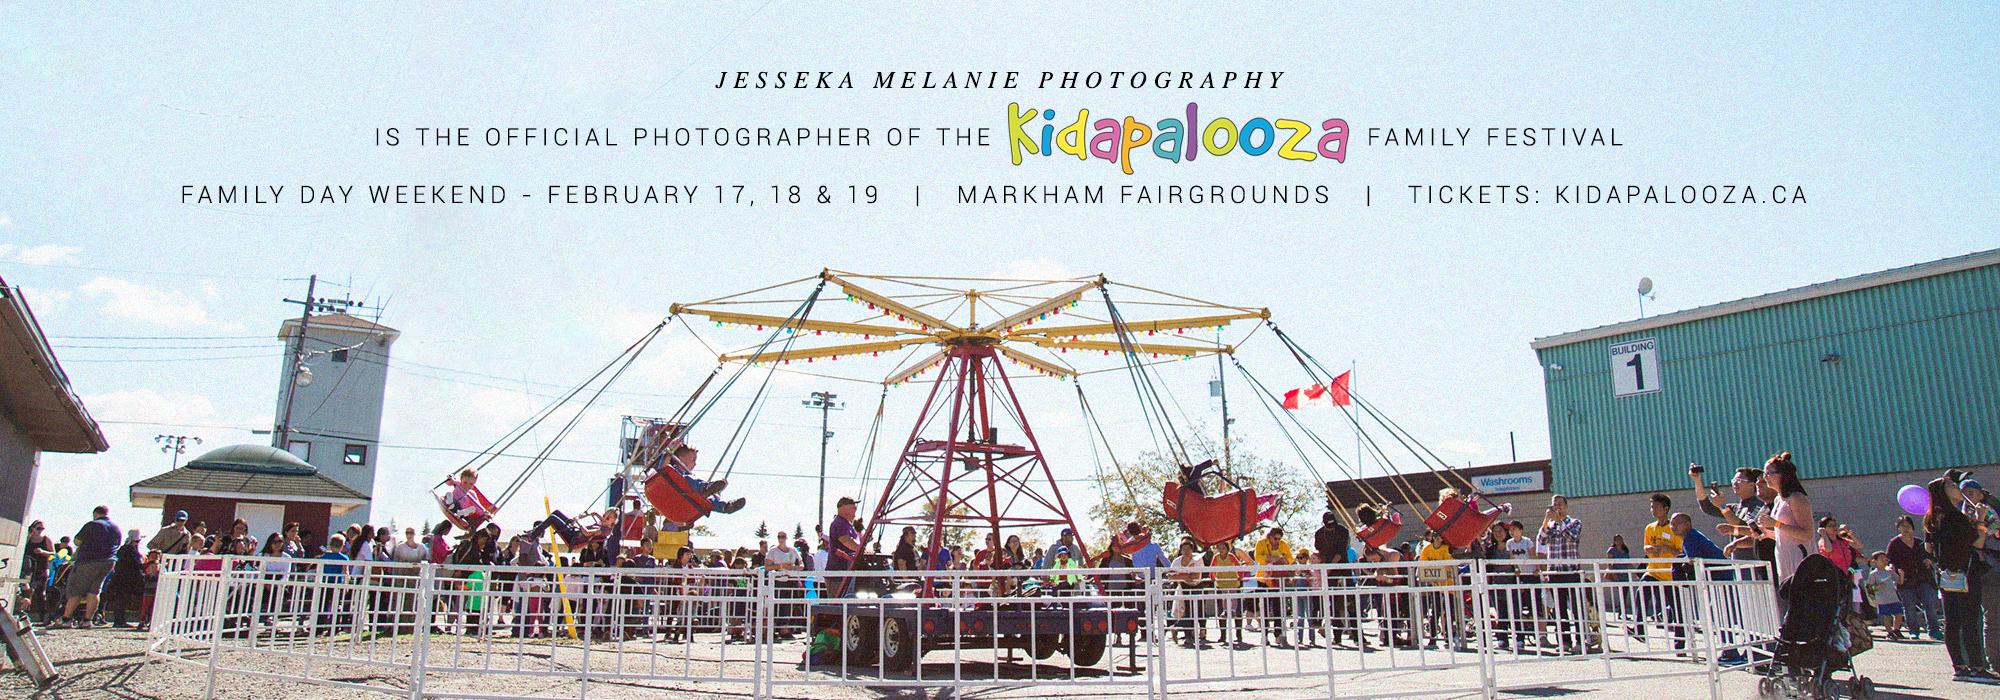 Jesseka Melanie Photography | Photography Sponsor of Kidapalooza